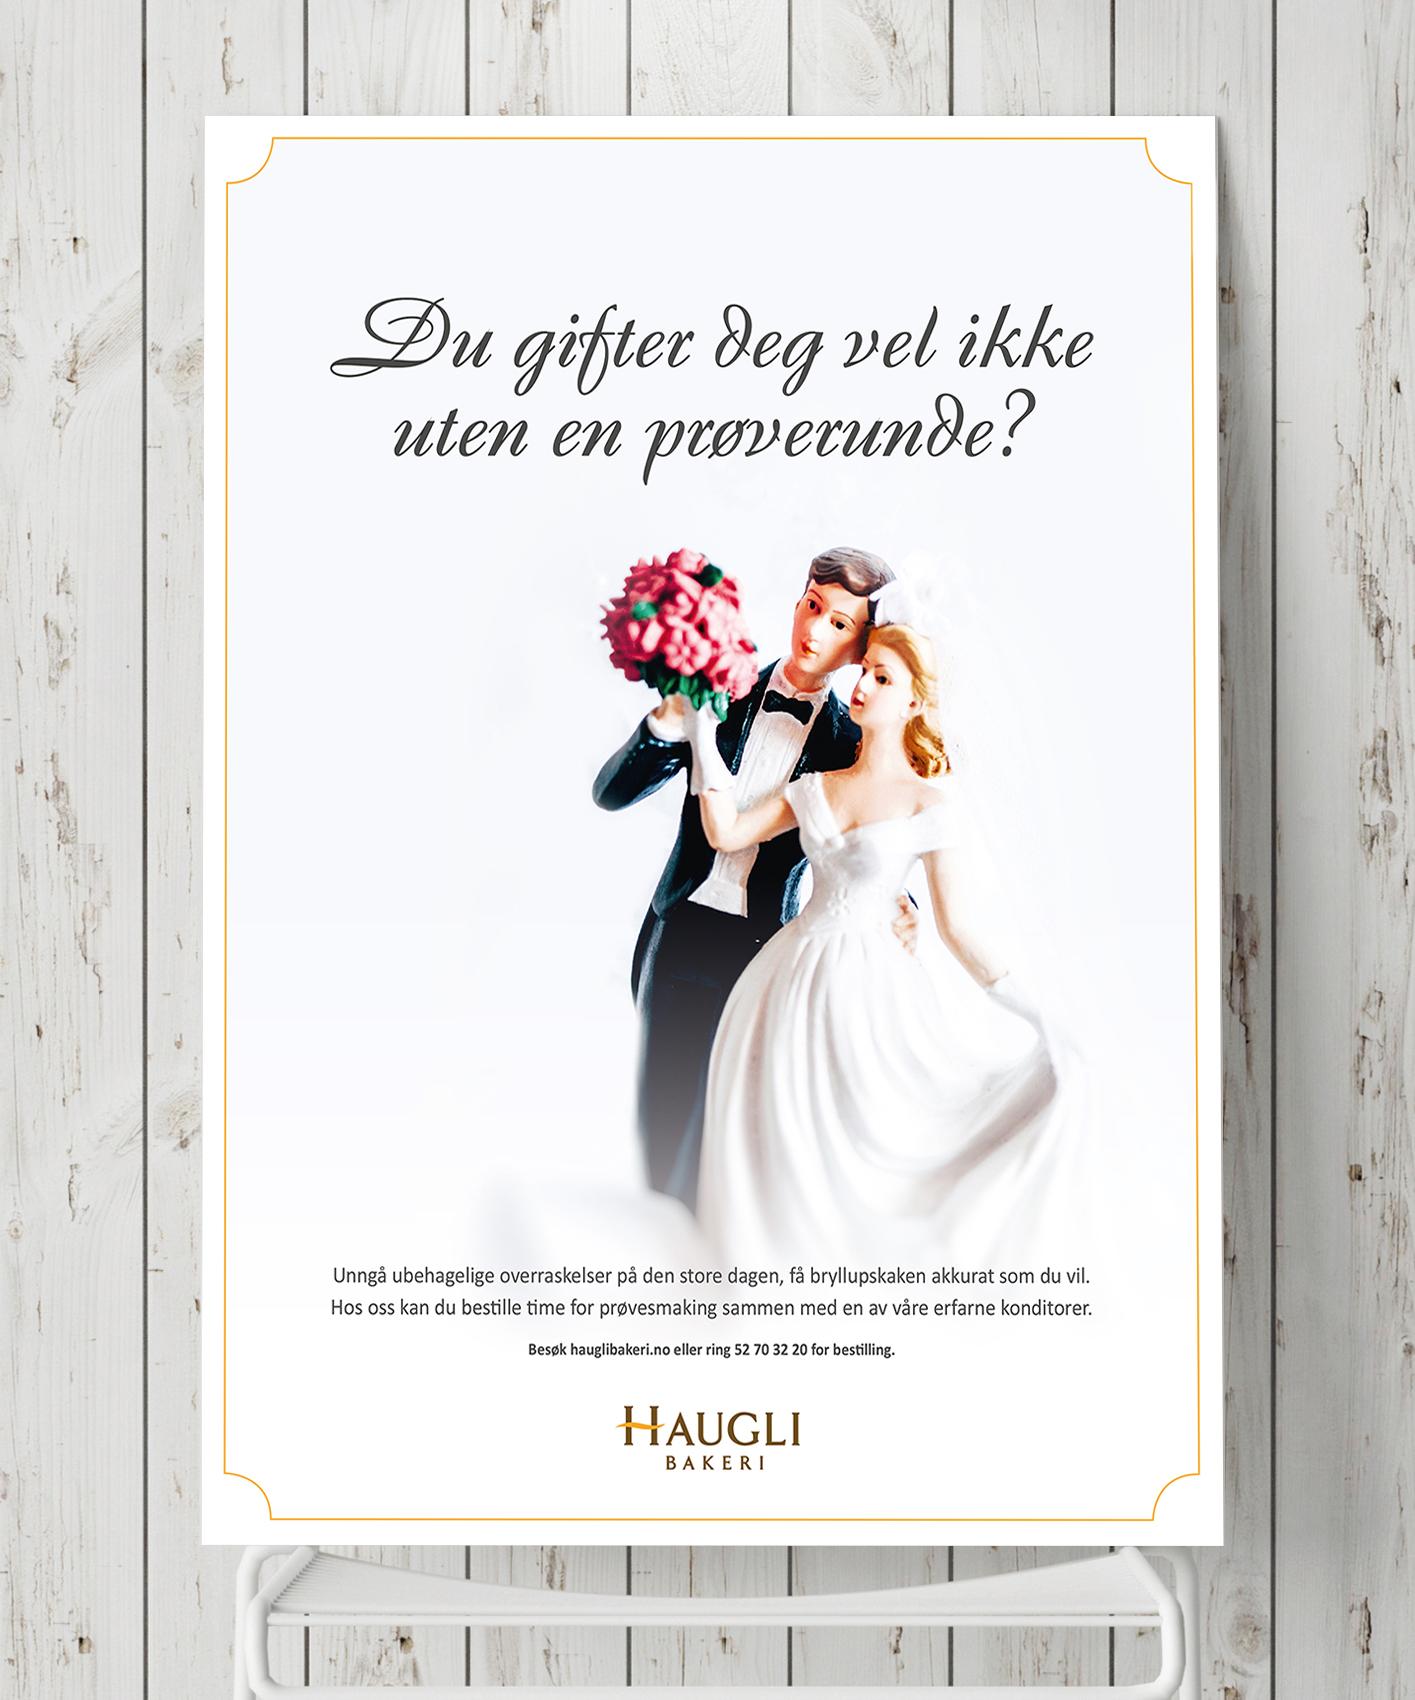 Haugli_annonse